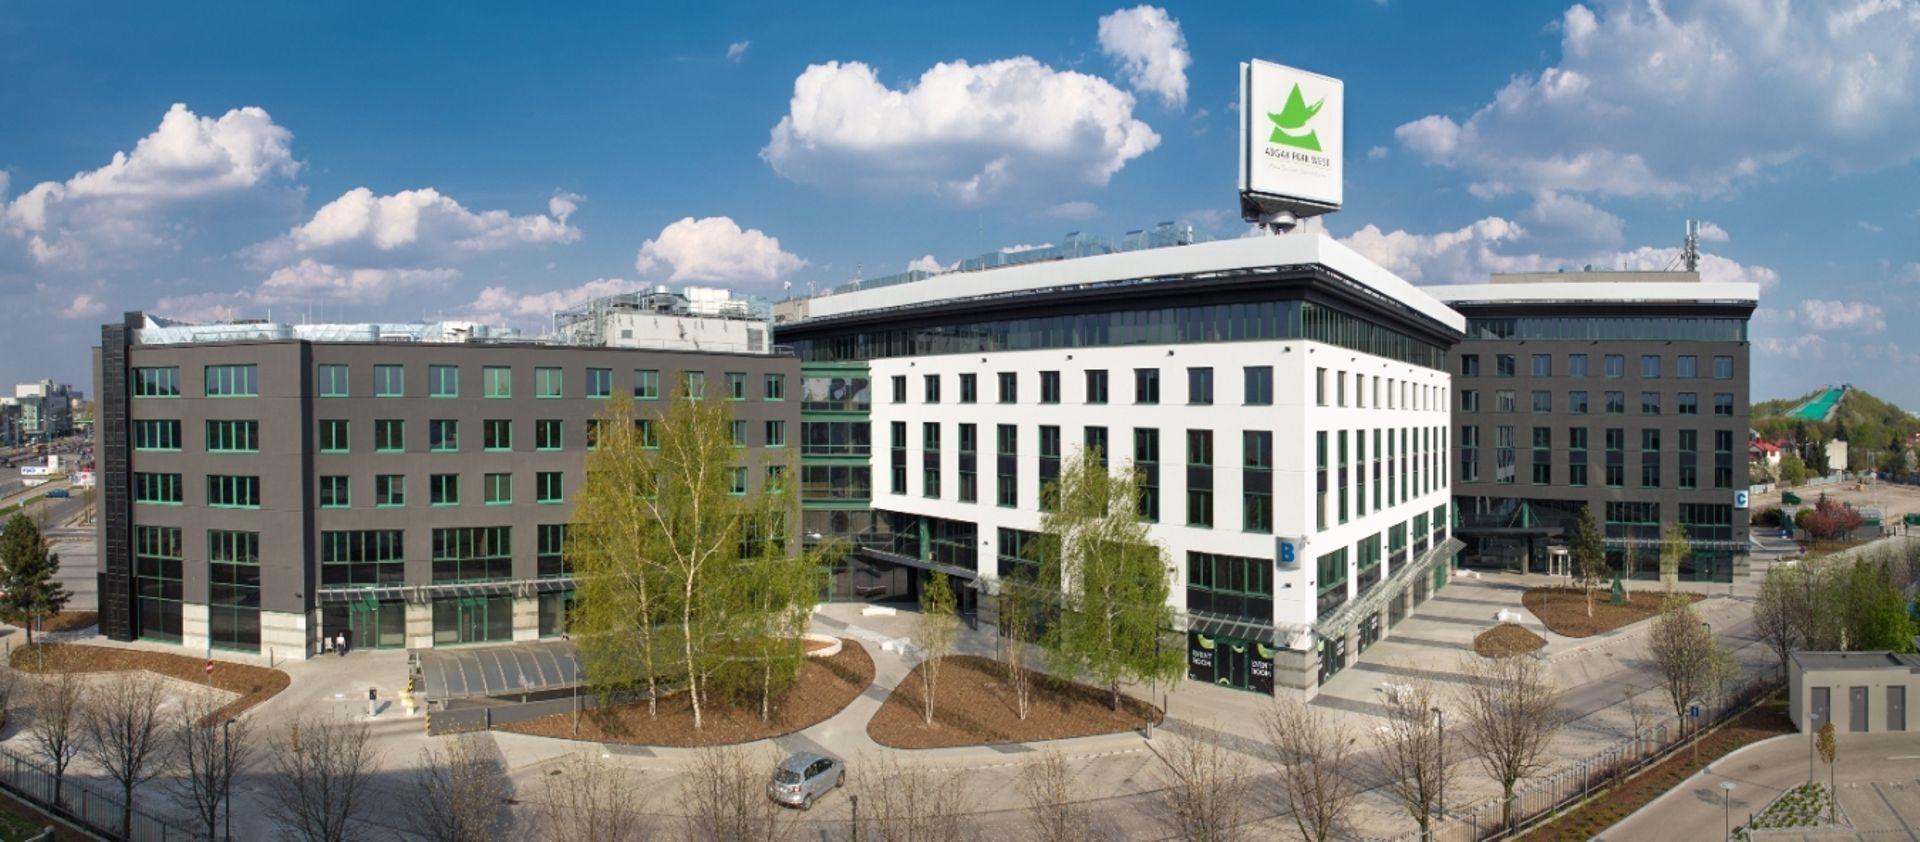 [Warszawa] Wszystkie budynki Adgar Poland uzyskały certyfikat LEED Gold